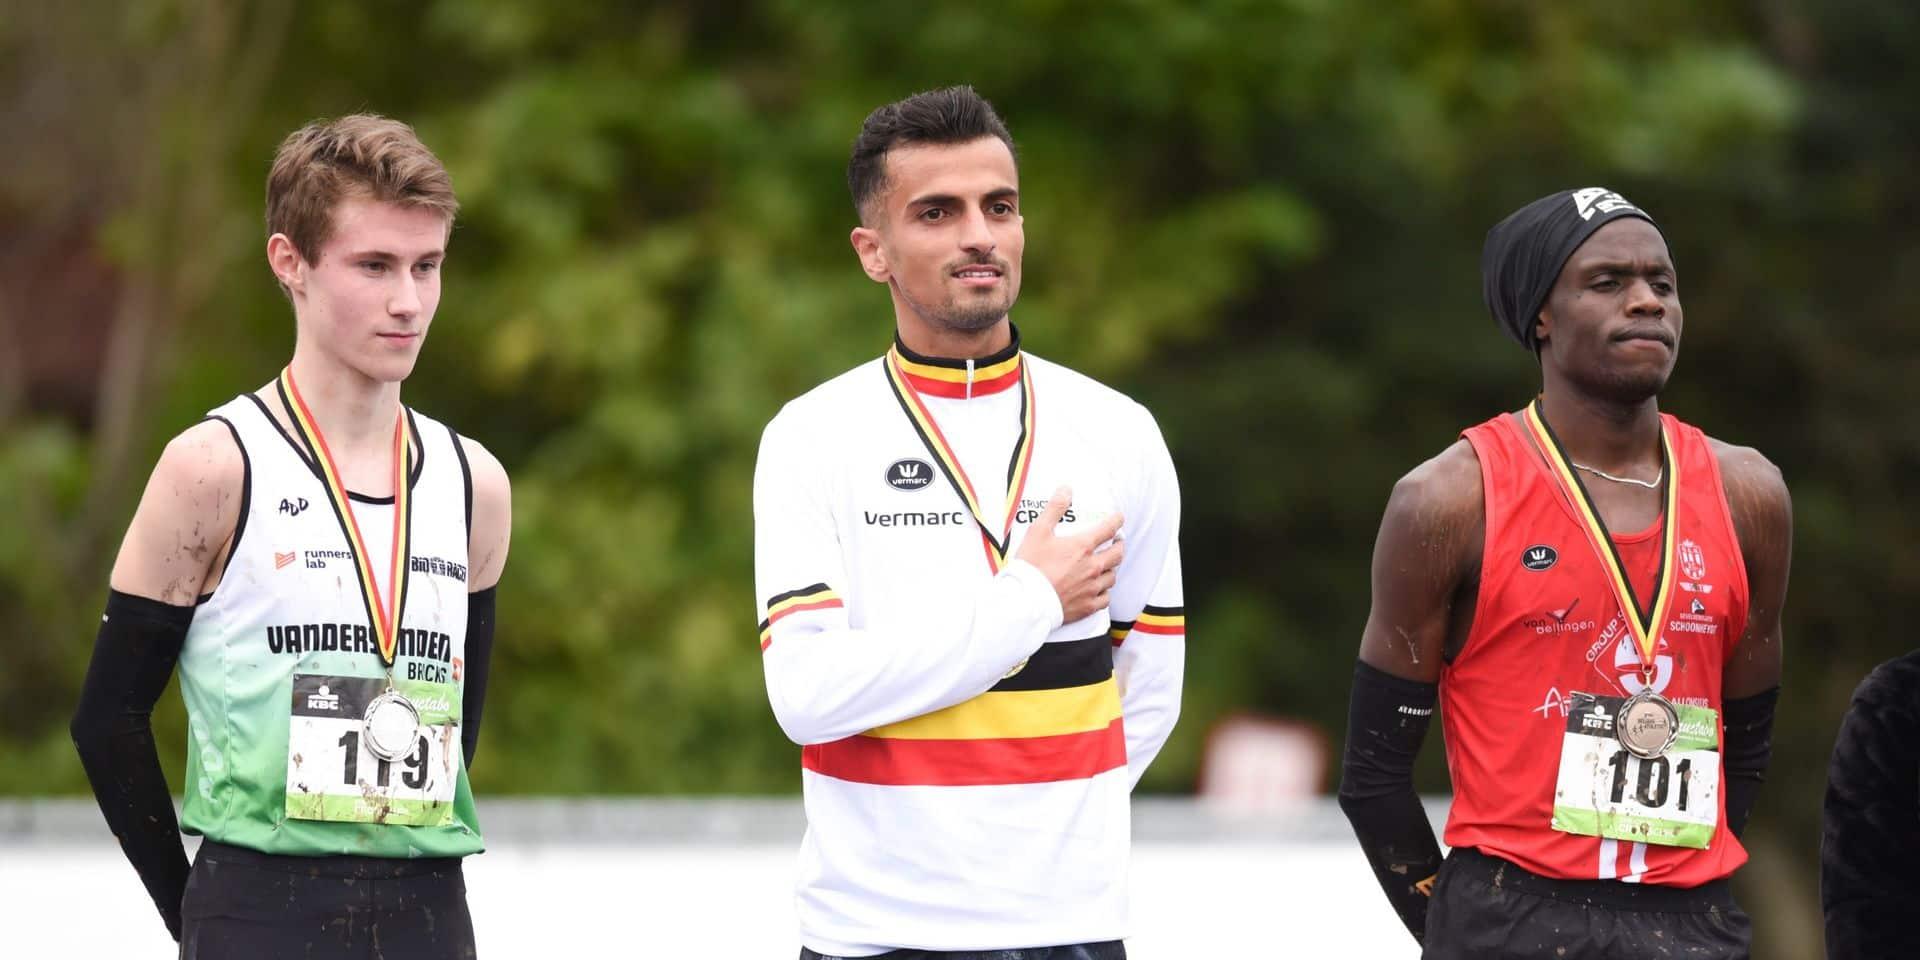 La plainte de Soufiane Bouchikhi contre Isaac Kimeli infondée, le résultat des championnats de Belgique de cross est maintenu